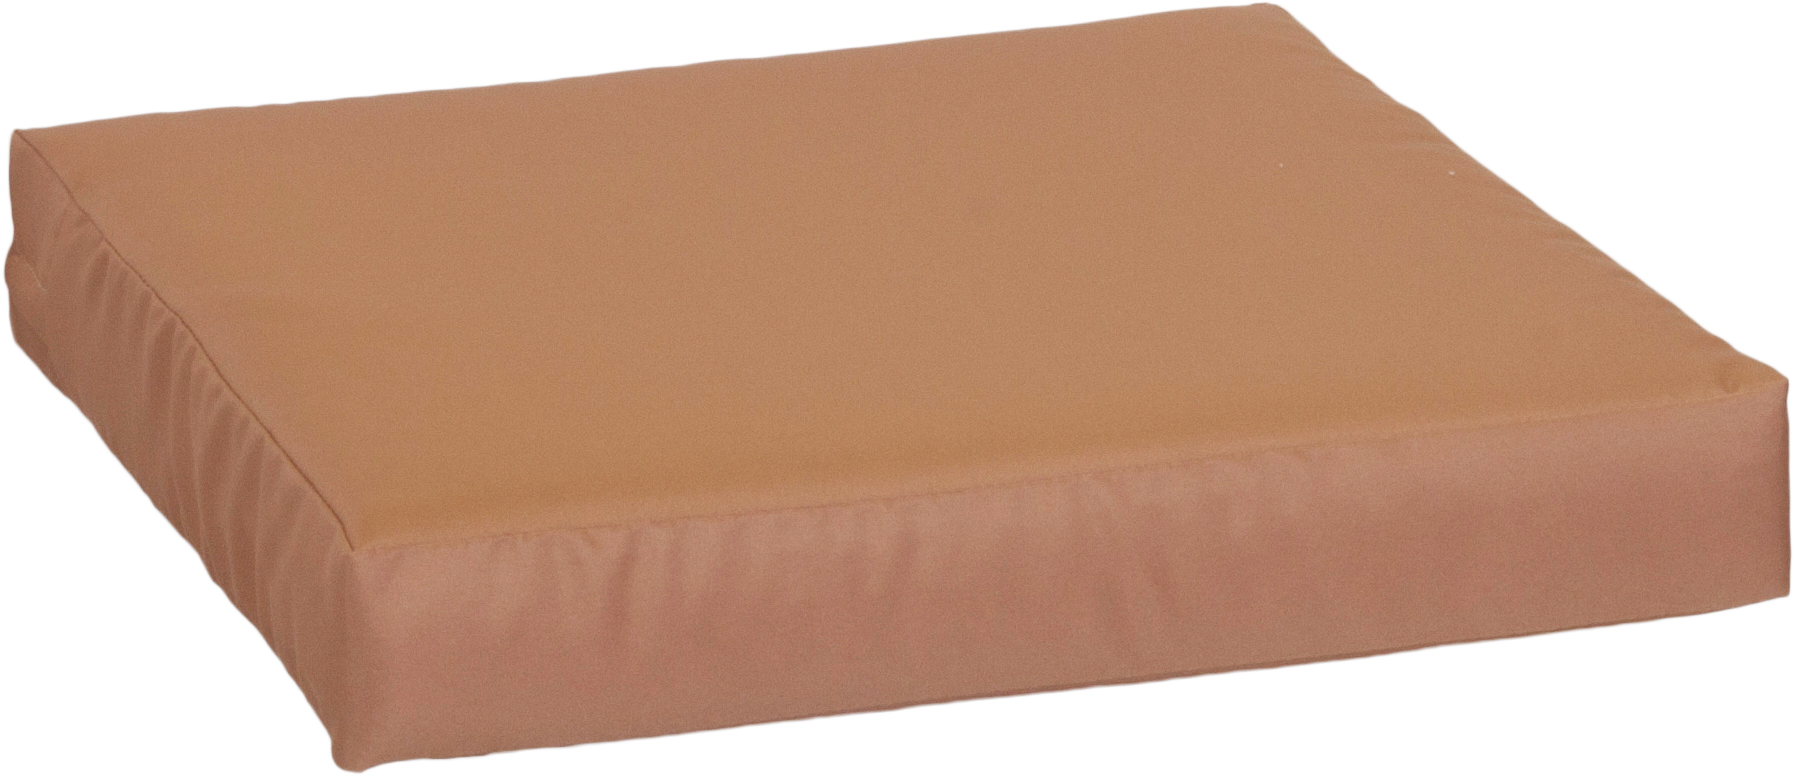 Auflage Sitzkissen für Palettensofas ca. 80 x 80 cm aus wasserabweisendem 100% Polyester in sand